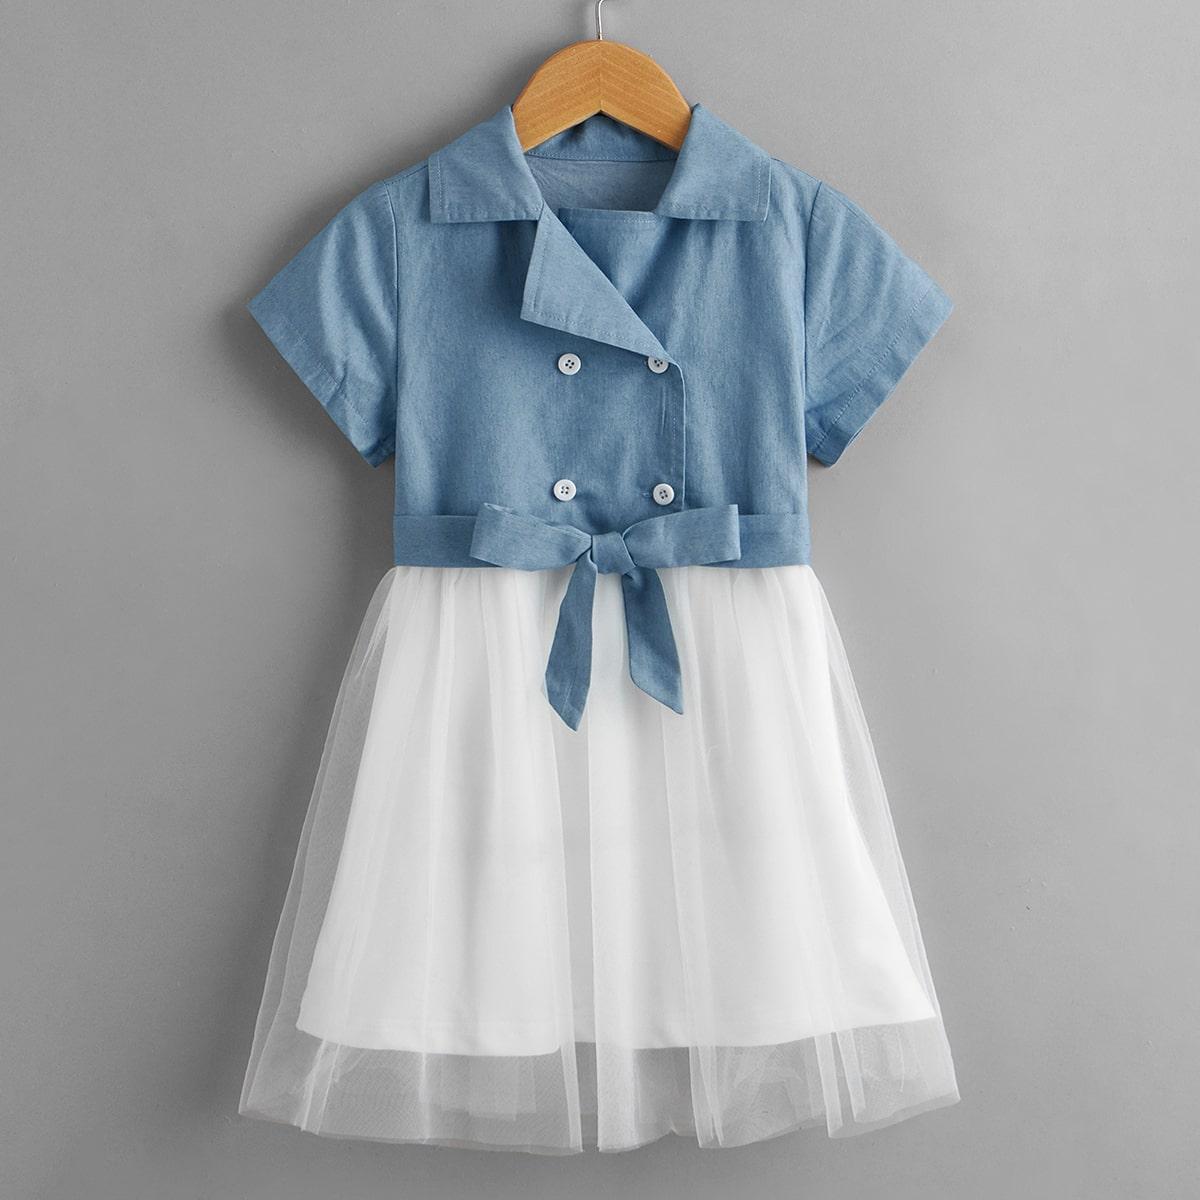 для девочек Джинсовое платье двубортный контрастный сетчатый поясом SheIn skdress03210318145